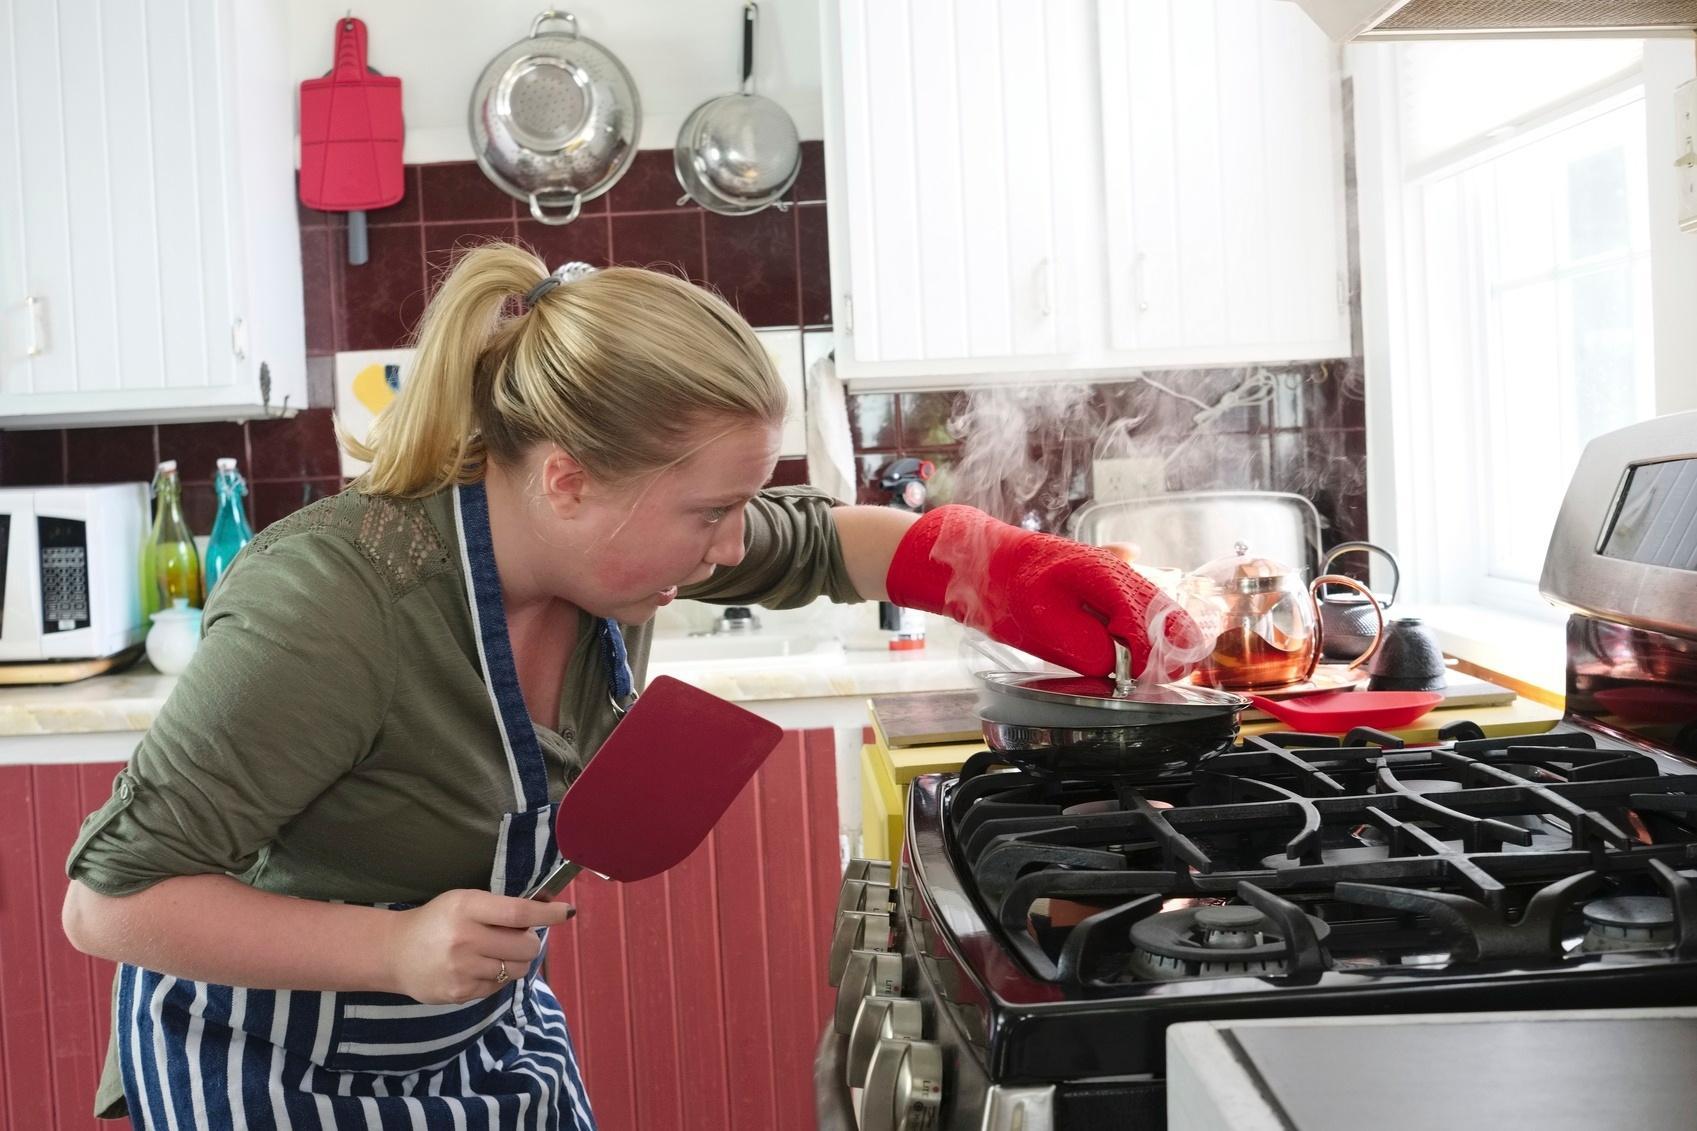 Medo de óleo quente e panela de pressão: como evitar acidentes na cozinha?  - 29/04/2017 - UOL Nossa